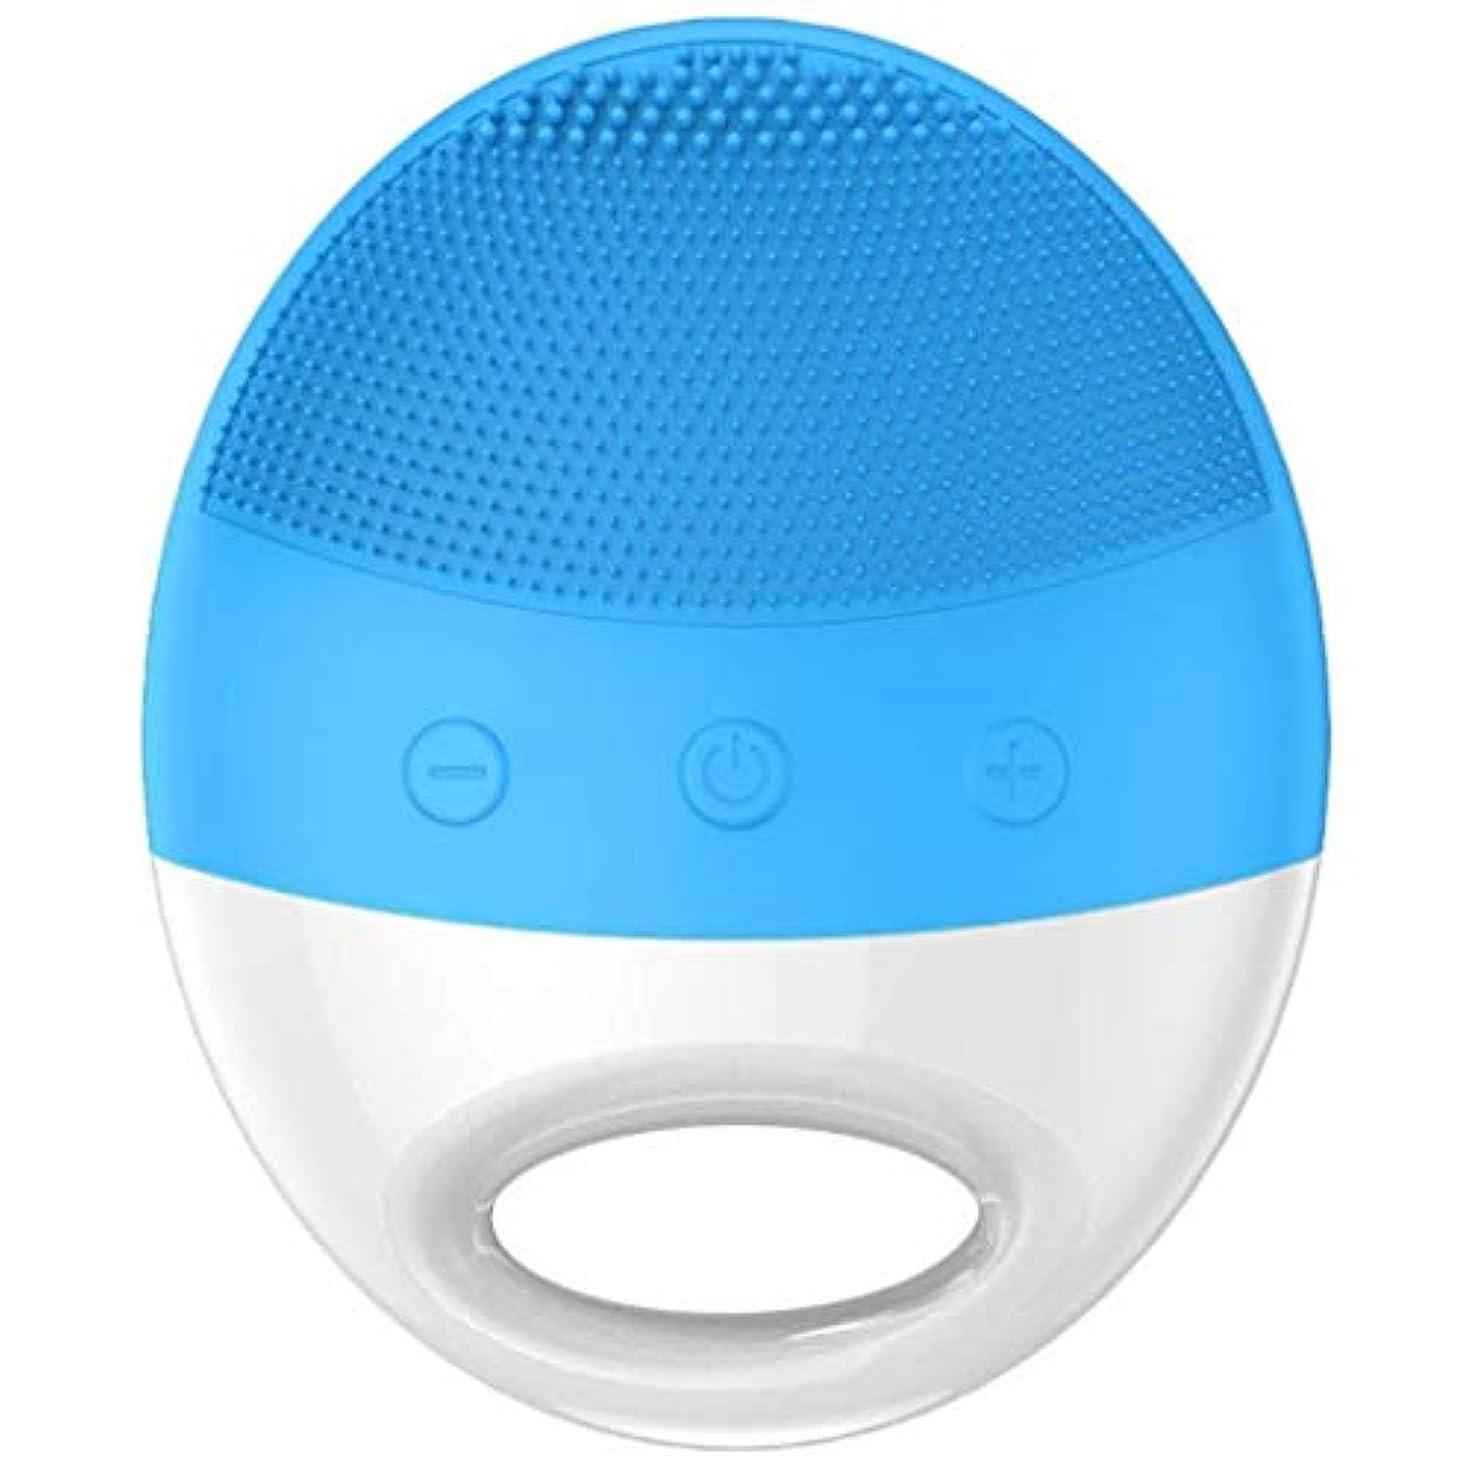 カスタム電子チャールズキージングクレンジングブラシ、シリコンクレンザー、すべての肌タイプのディープクレンジングに適した防水電動ディープクレンジングマッサージブラシ、やさしい角質除去、毛穴の改善、メラニンの減少 (Color : 青)